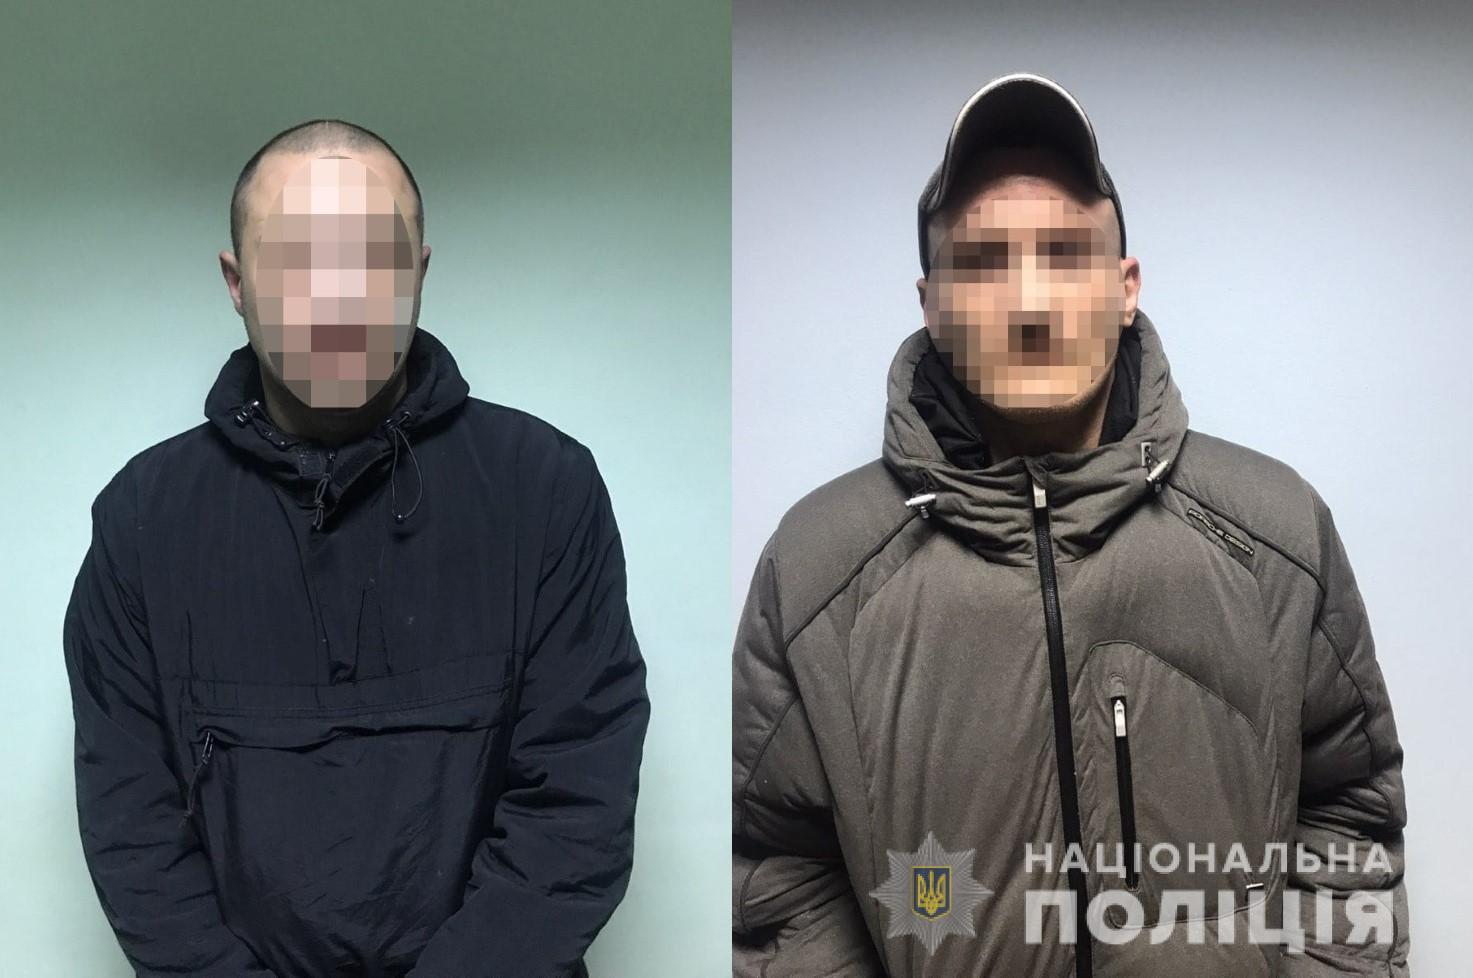 Двое мужчин угнали чужое авто с помощью эвакуатора